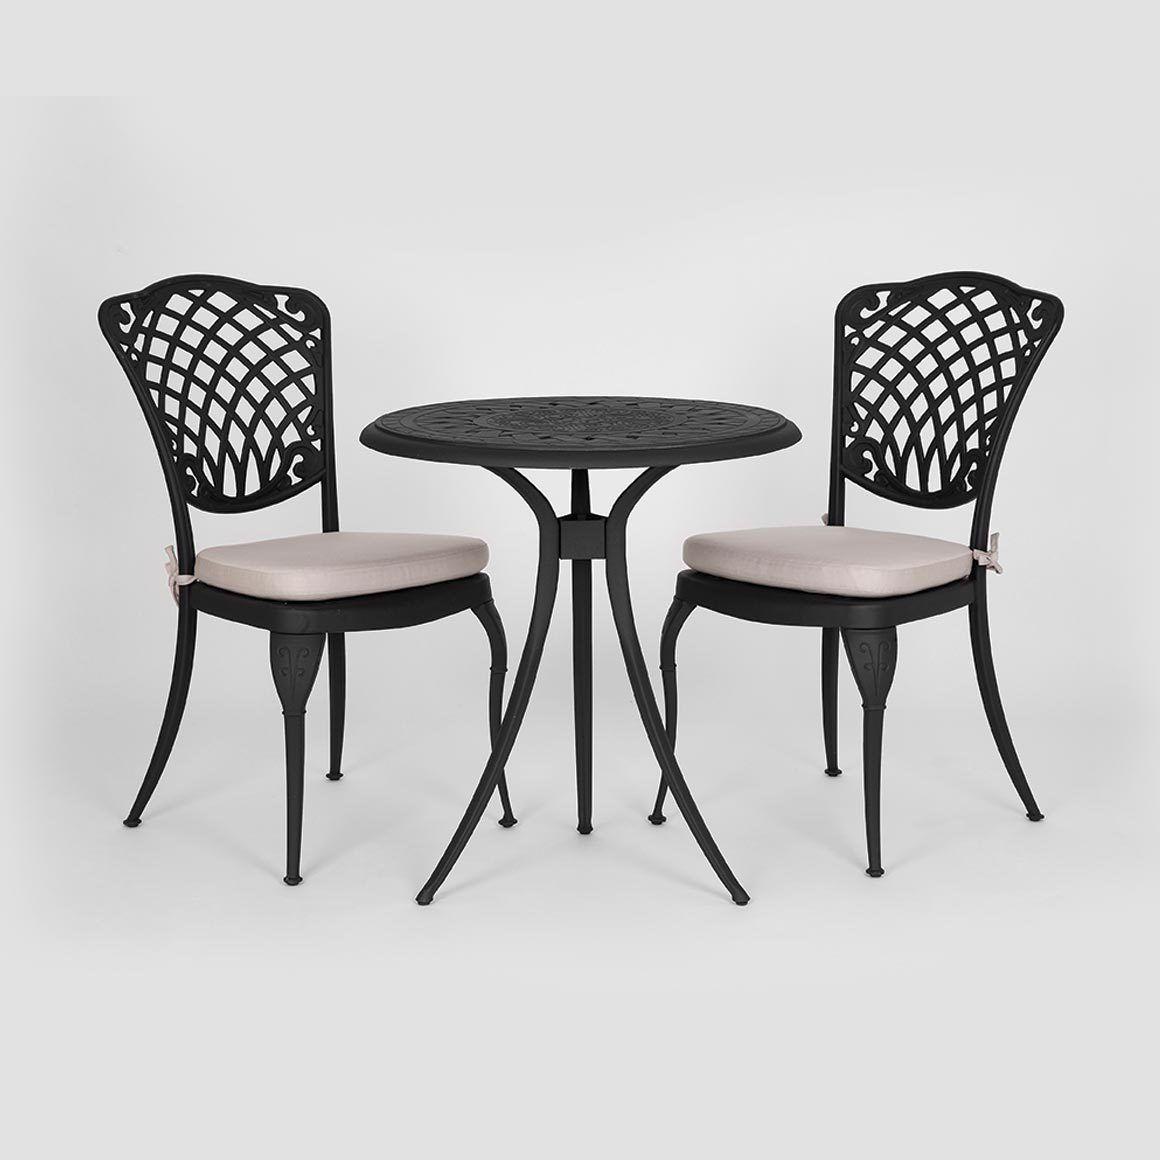 Remarkable Aluminium Patio Furniture Cape Town Patio Ideas Download Free Architecture Designs Scobabritishbridgeorg